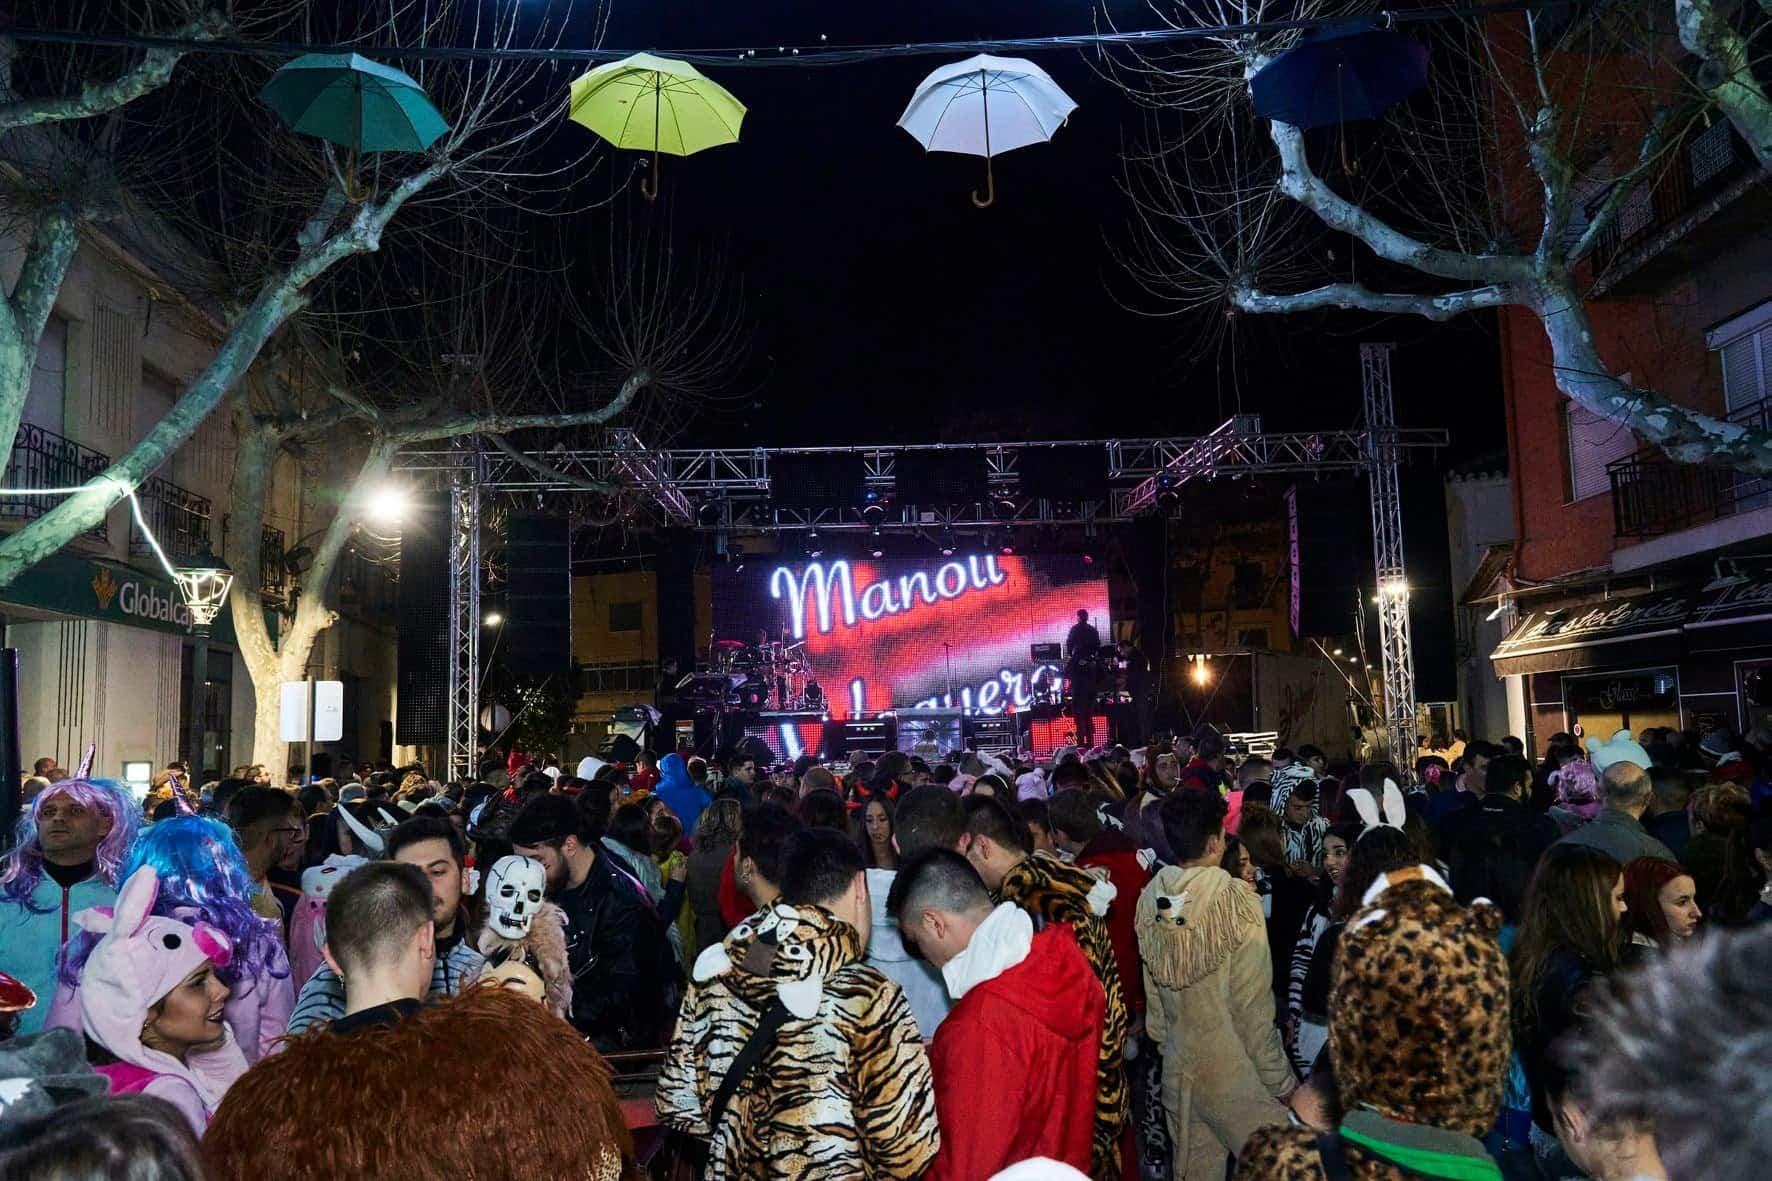 Carnaval herencia 2020 sabado ansiosos 5 - Fotografías del Sábado de los Ansiosos del Carnaval de Herencia 2020